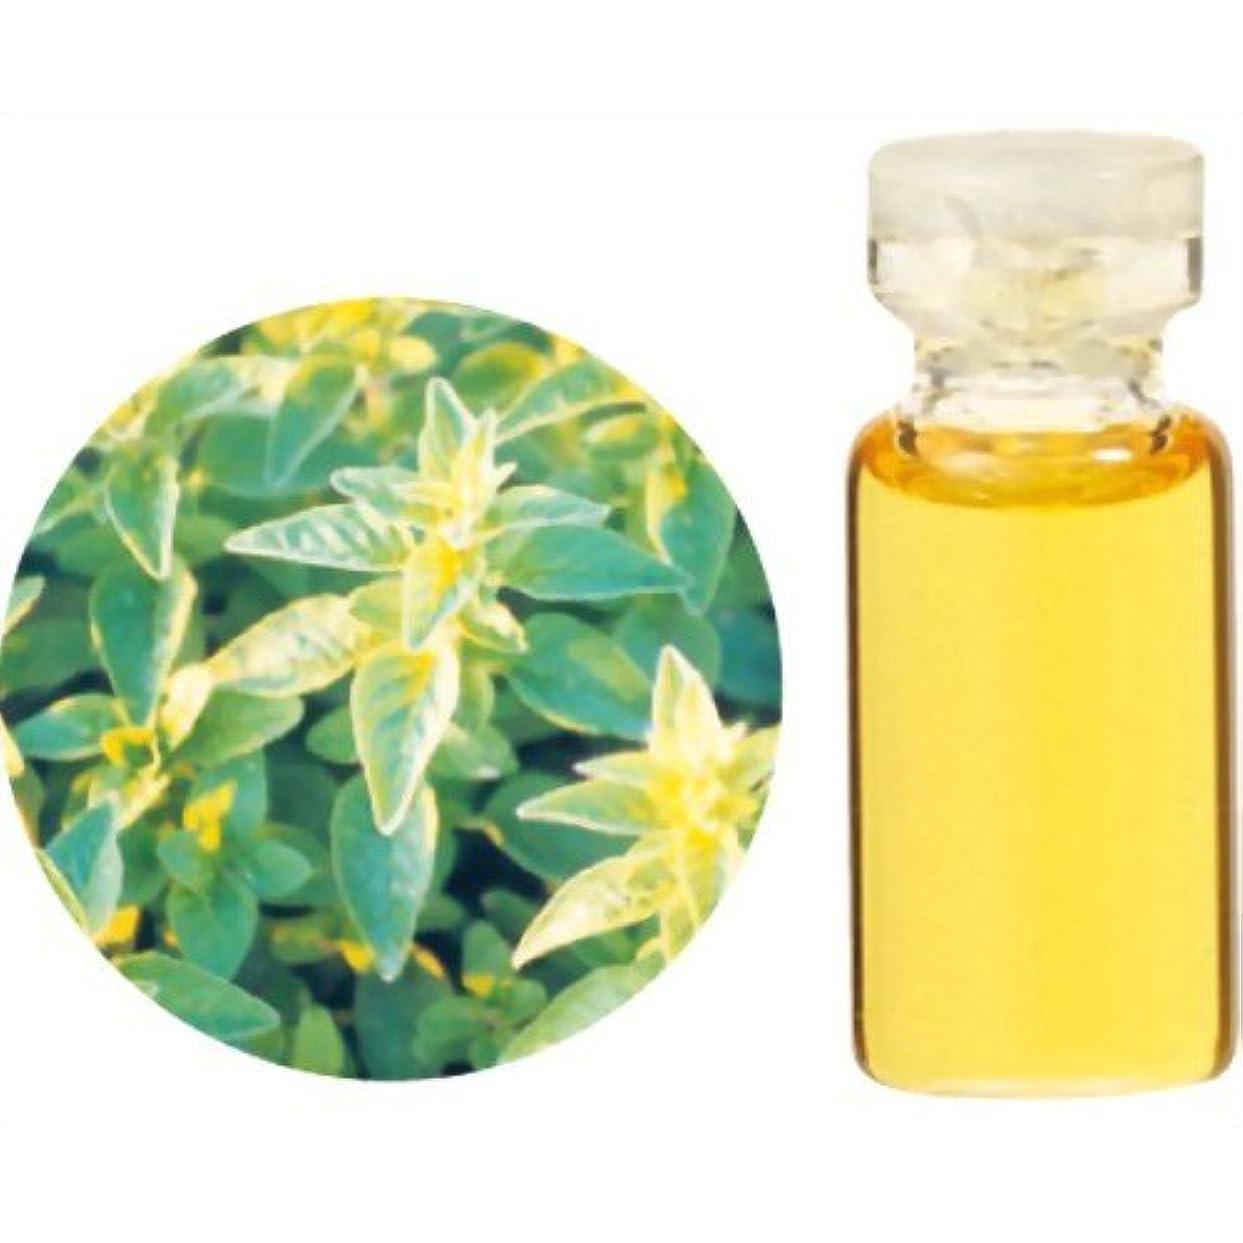 生活の木 Herbal Life レアバリューオイル メリッサ 1ml